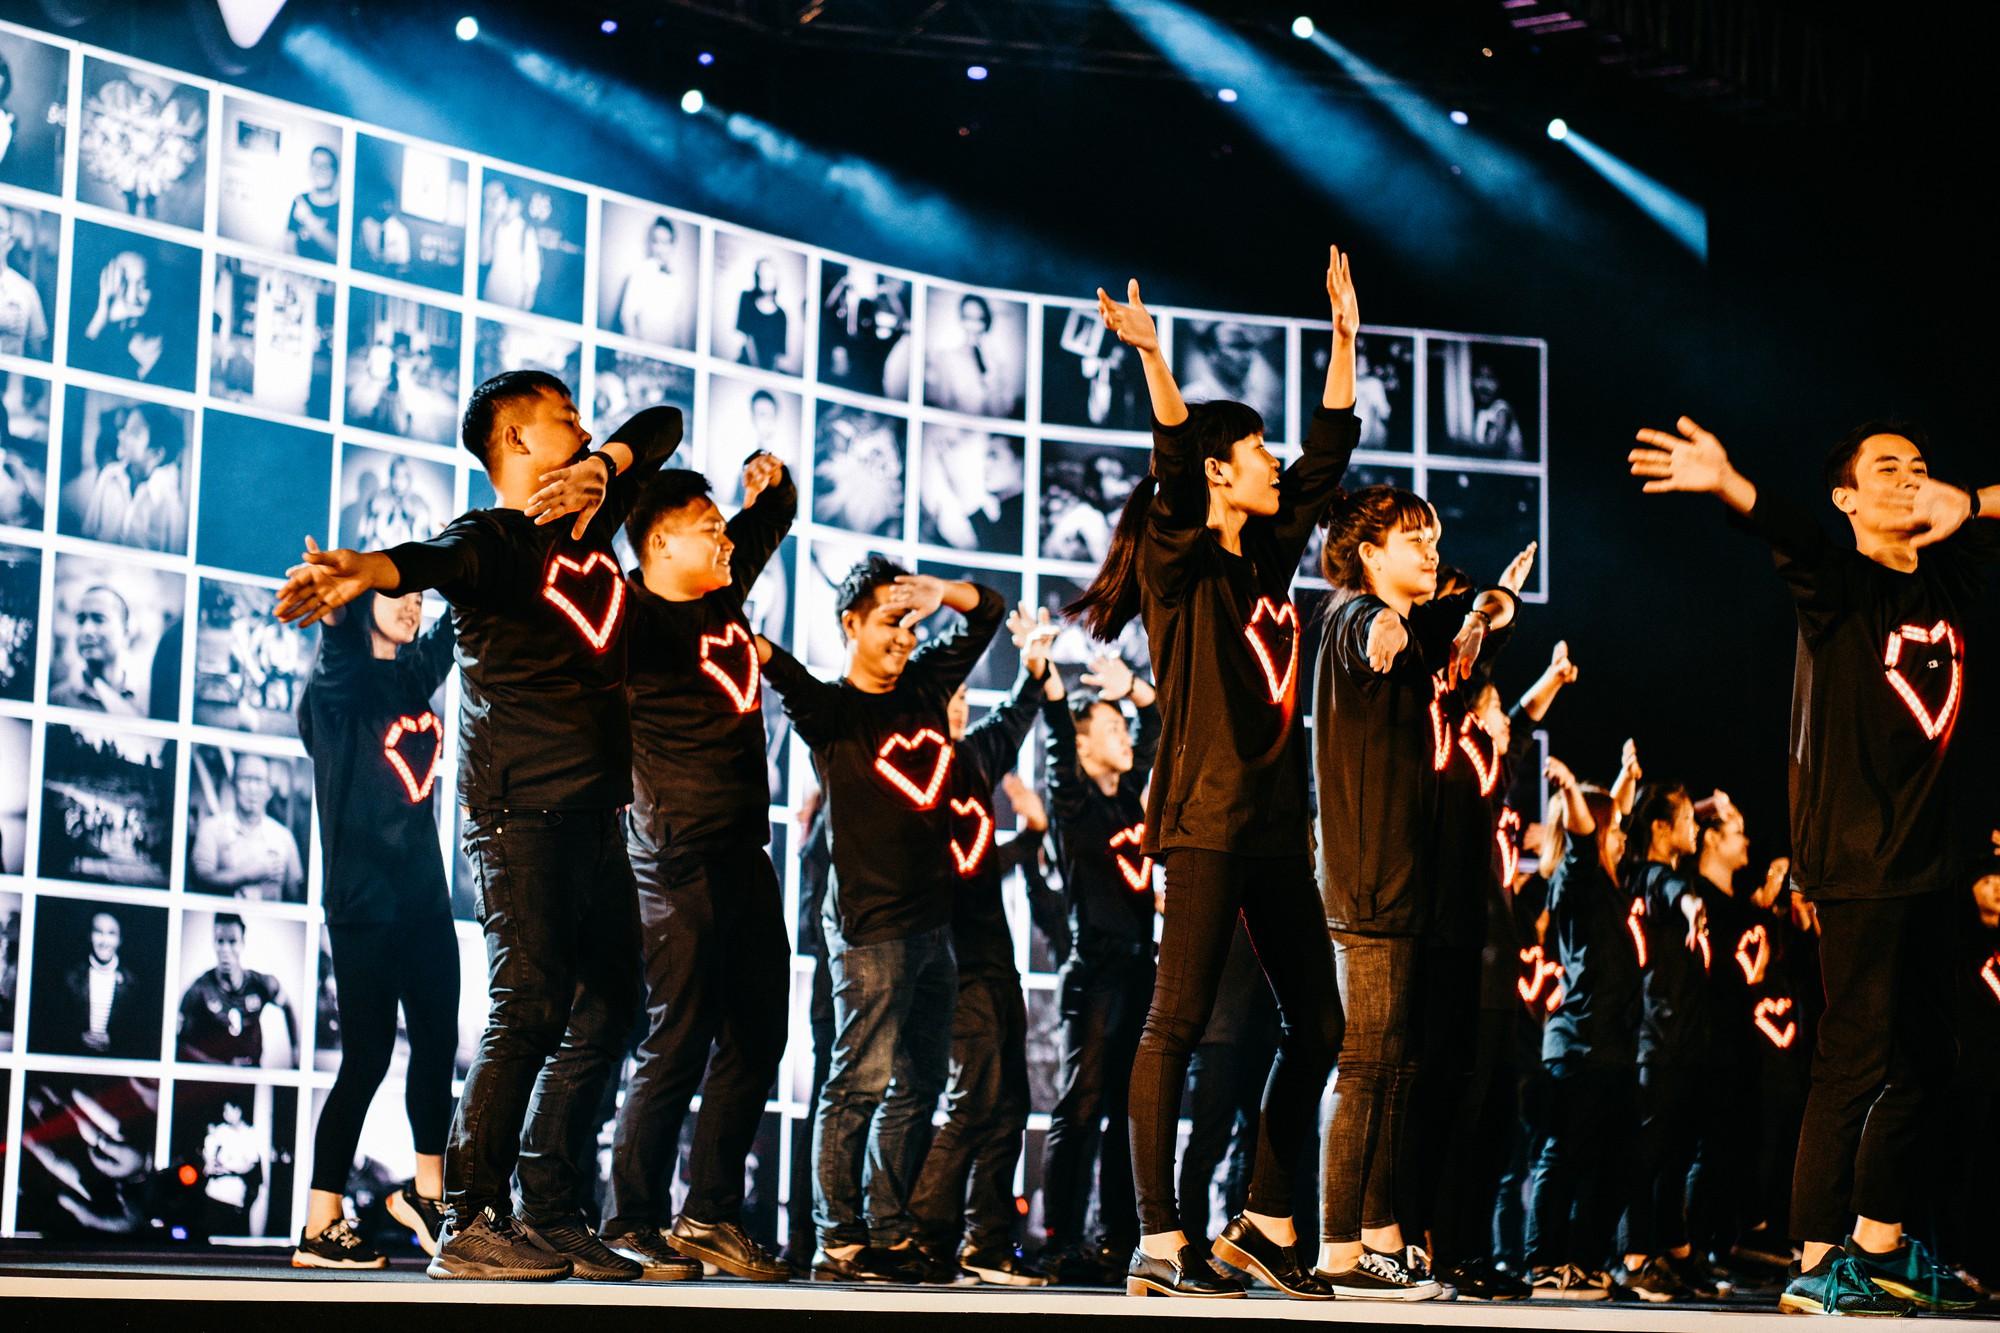 Nghe trọn vẹn thông điệp Mặt trời ẩn trong tim bằng âm nhạc đầy cảm xúc trên sân khấu Gala WeChoice Awards 2018 - Ảnh 5.